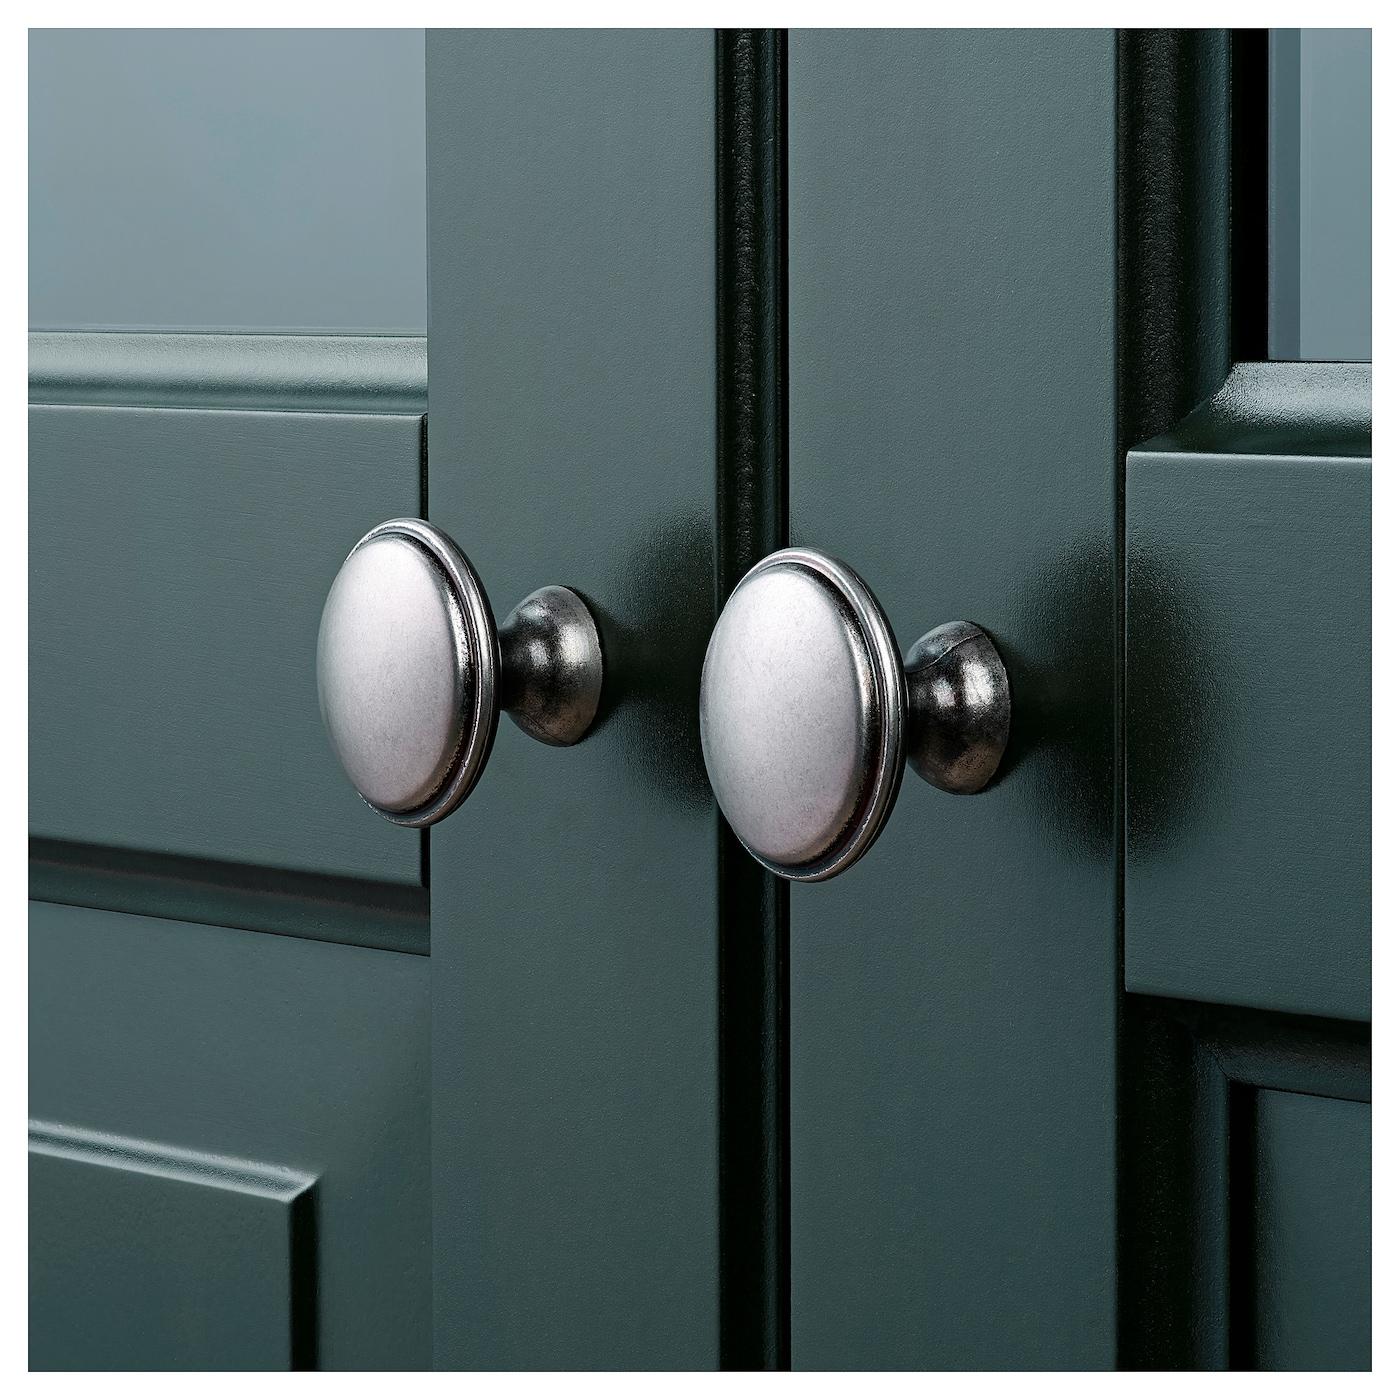 https://www.ikea.com/be/nl/images/products/liatorp-boekenkast-met-glazen-deur-donker-olijfgroen__0633951_pe696216_s5.jpg